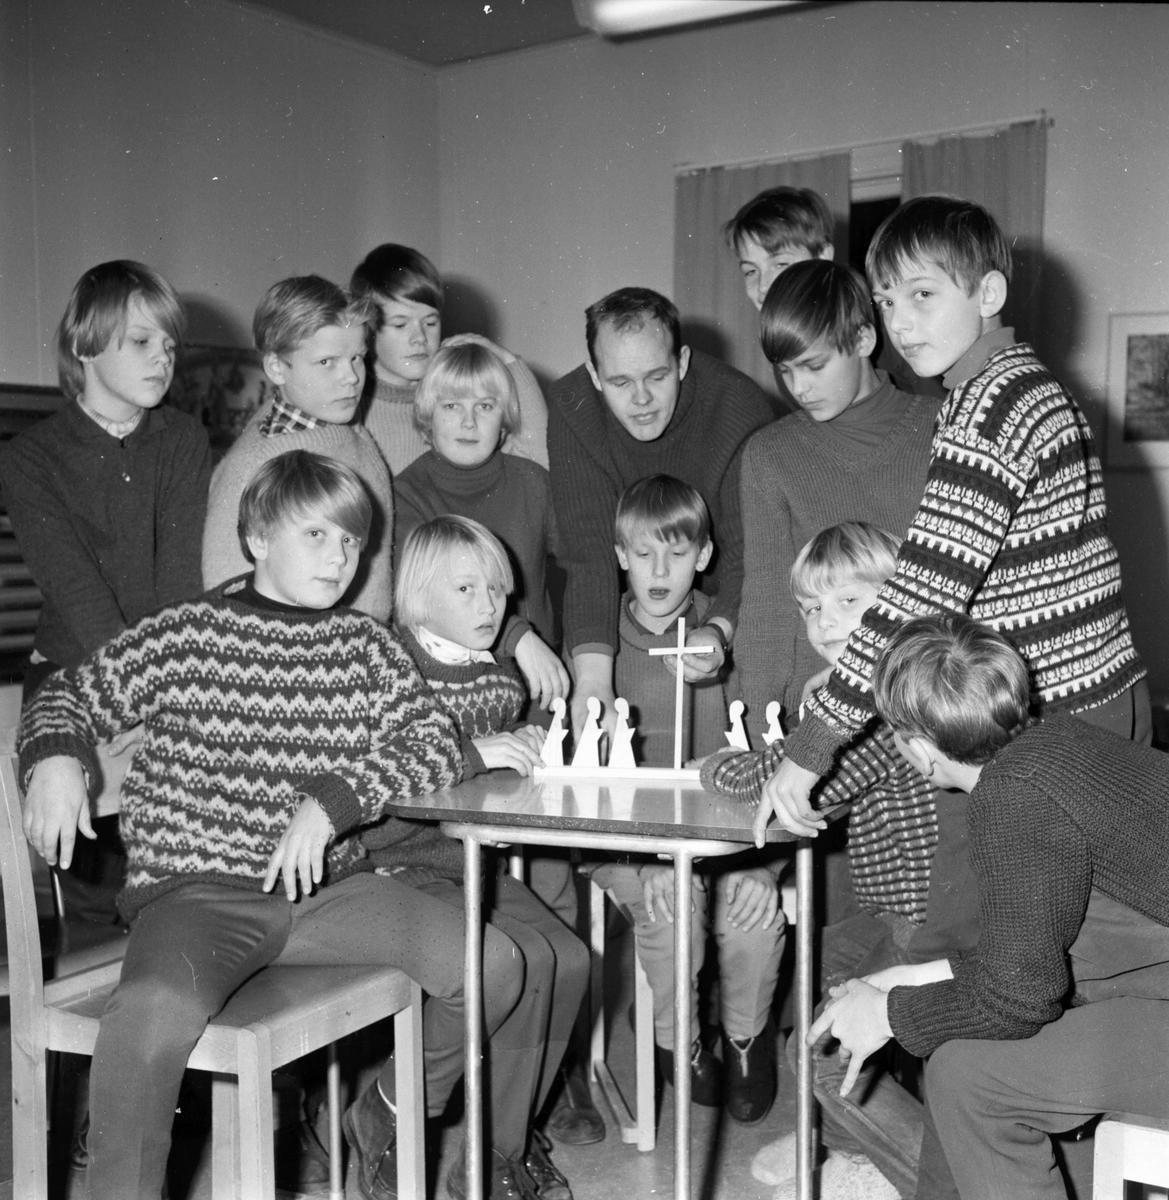 Paavola Risto ungdomskonsulent i Bollnäs församling. 9/12-1965